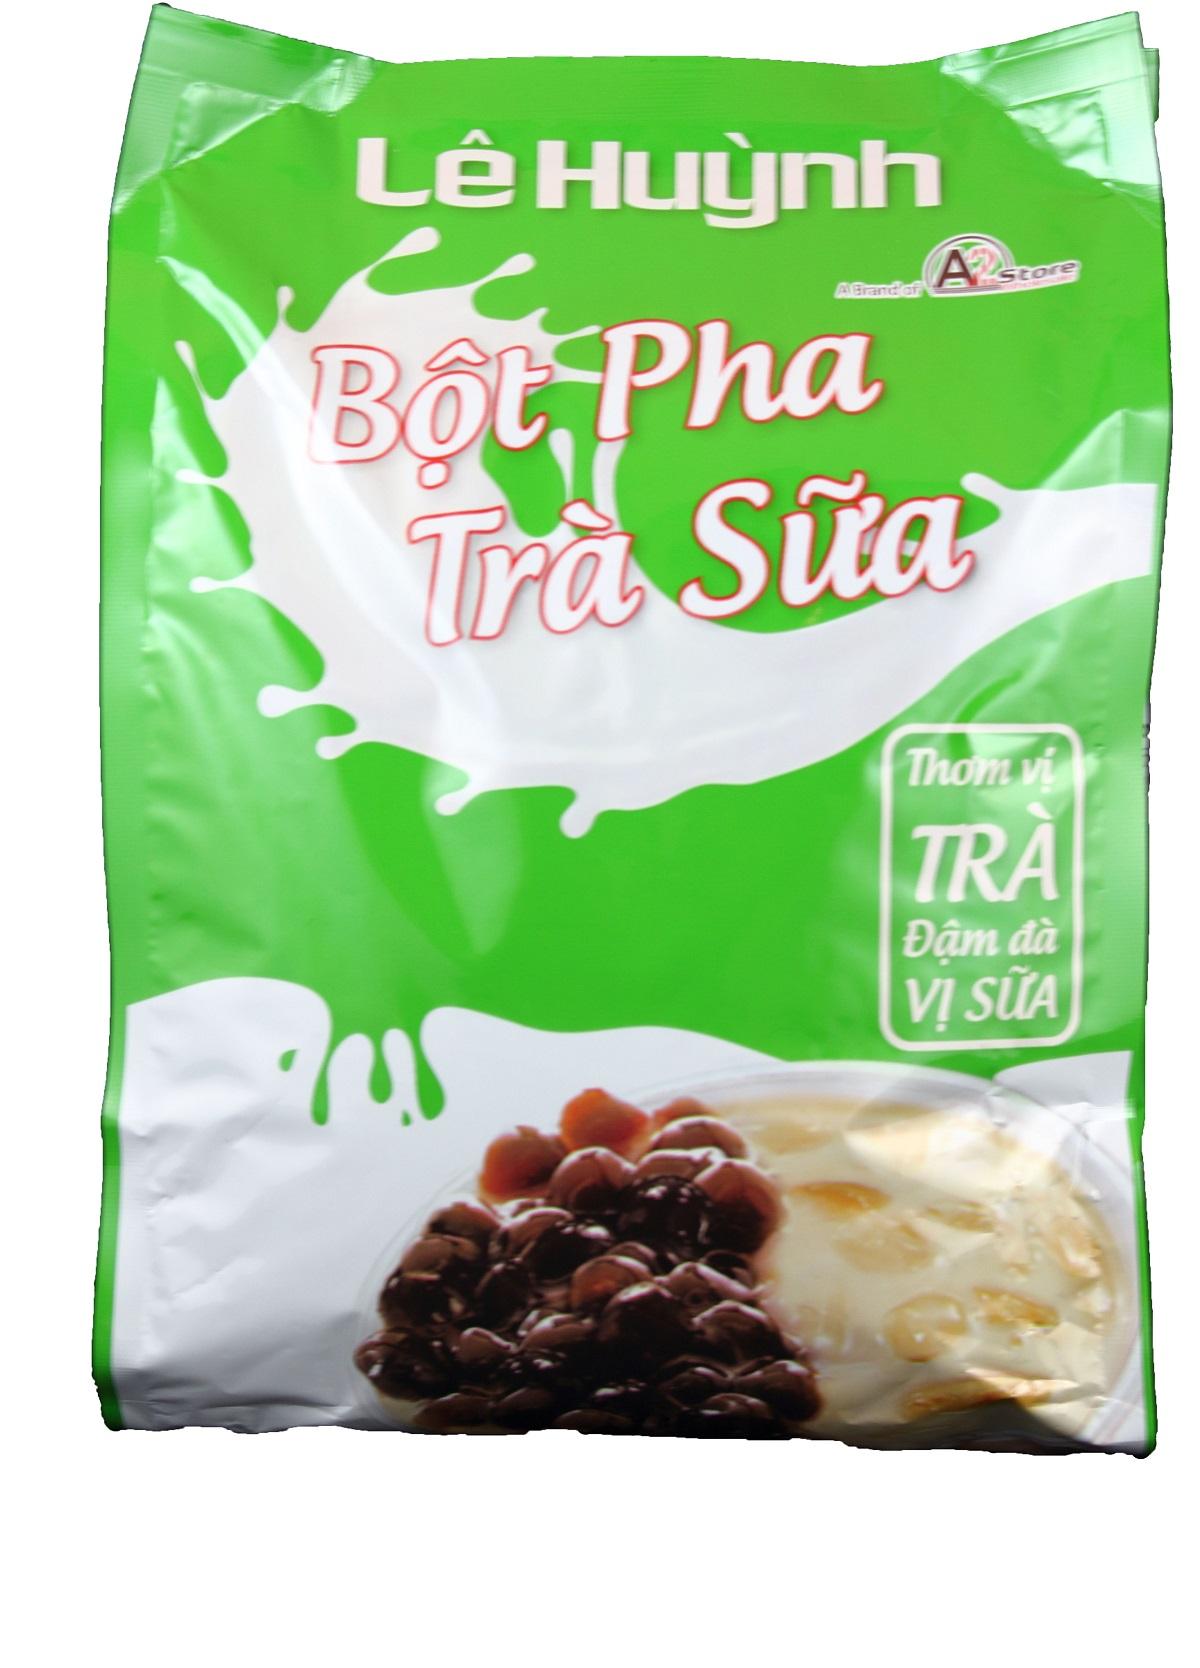 Bột Pha Trà Sữa Lê Huỳnh.